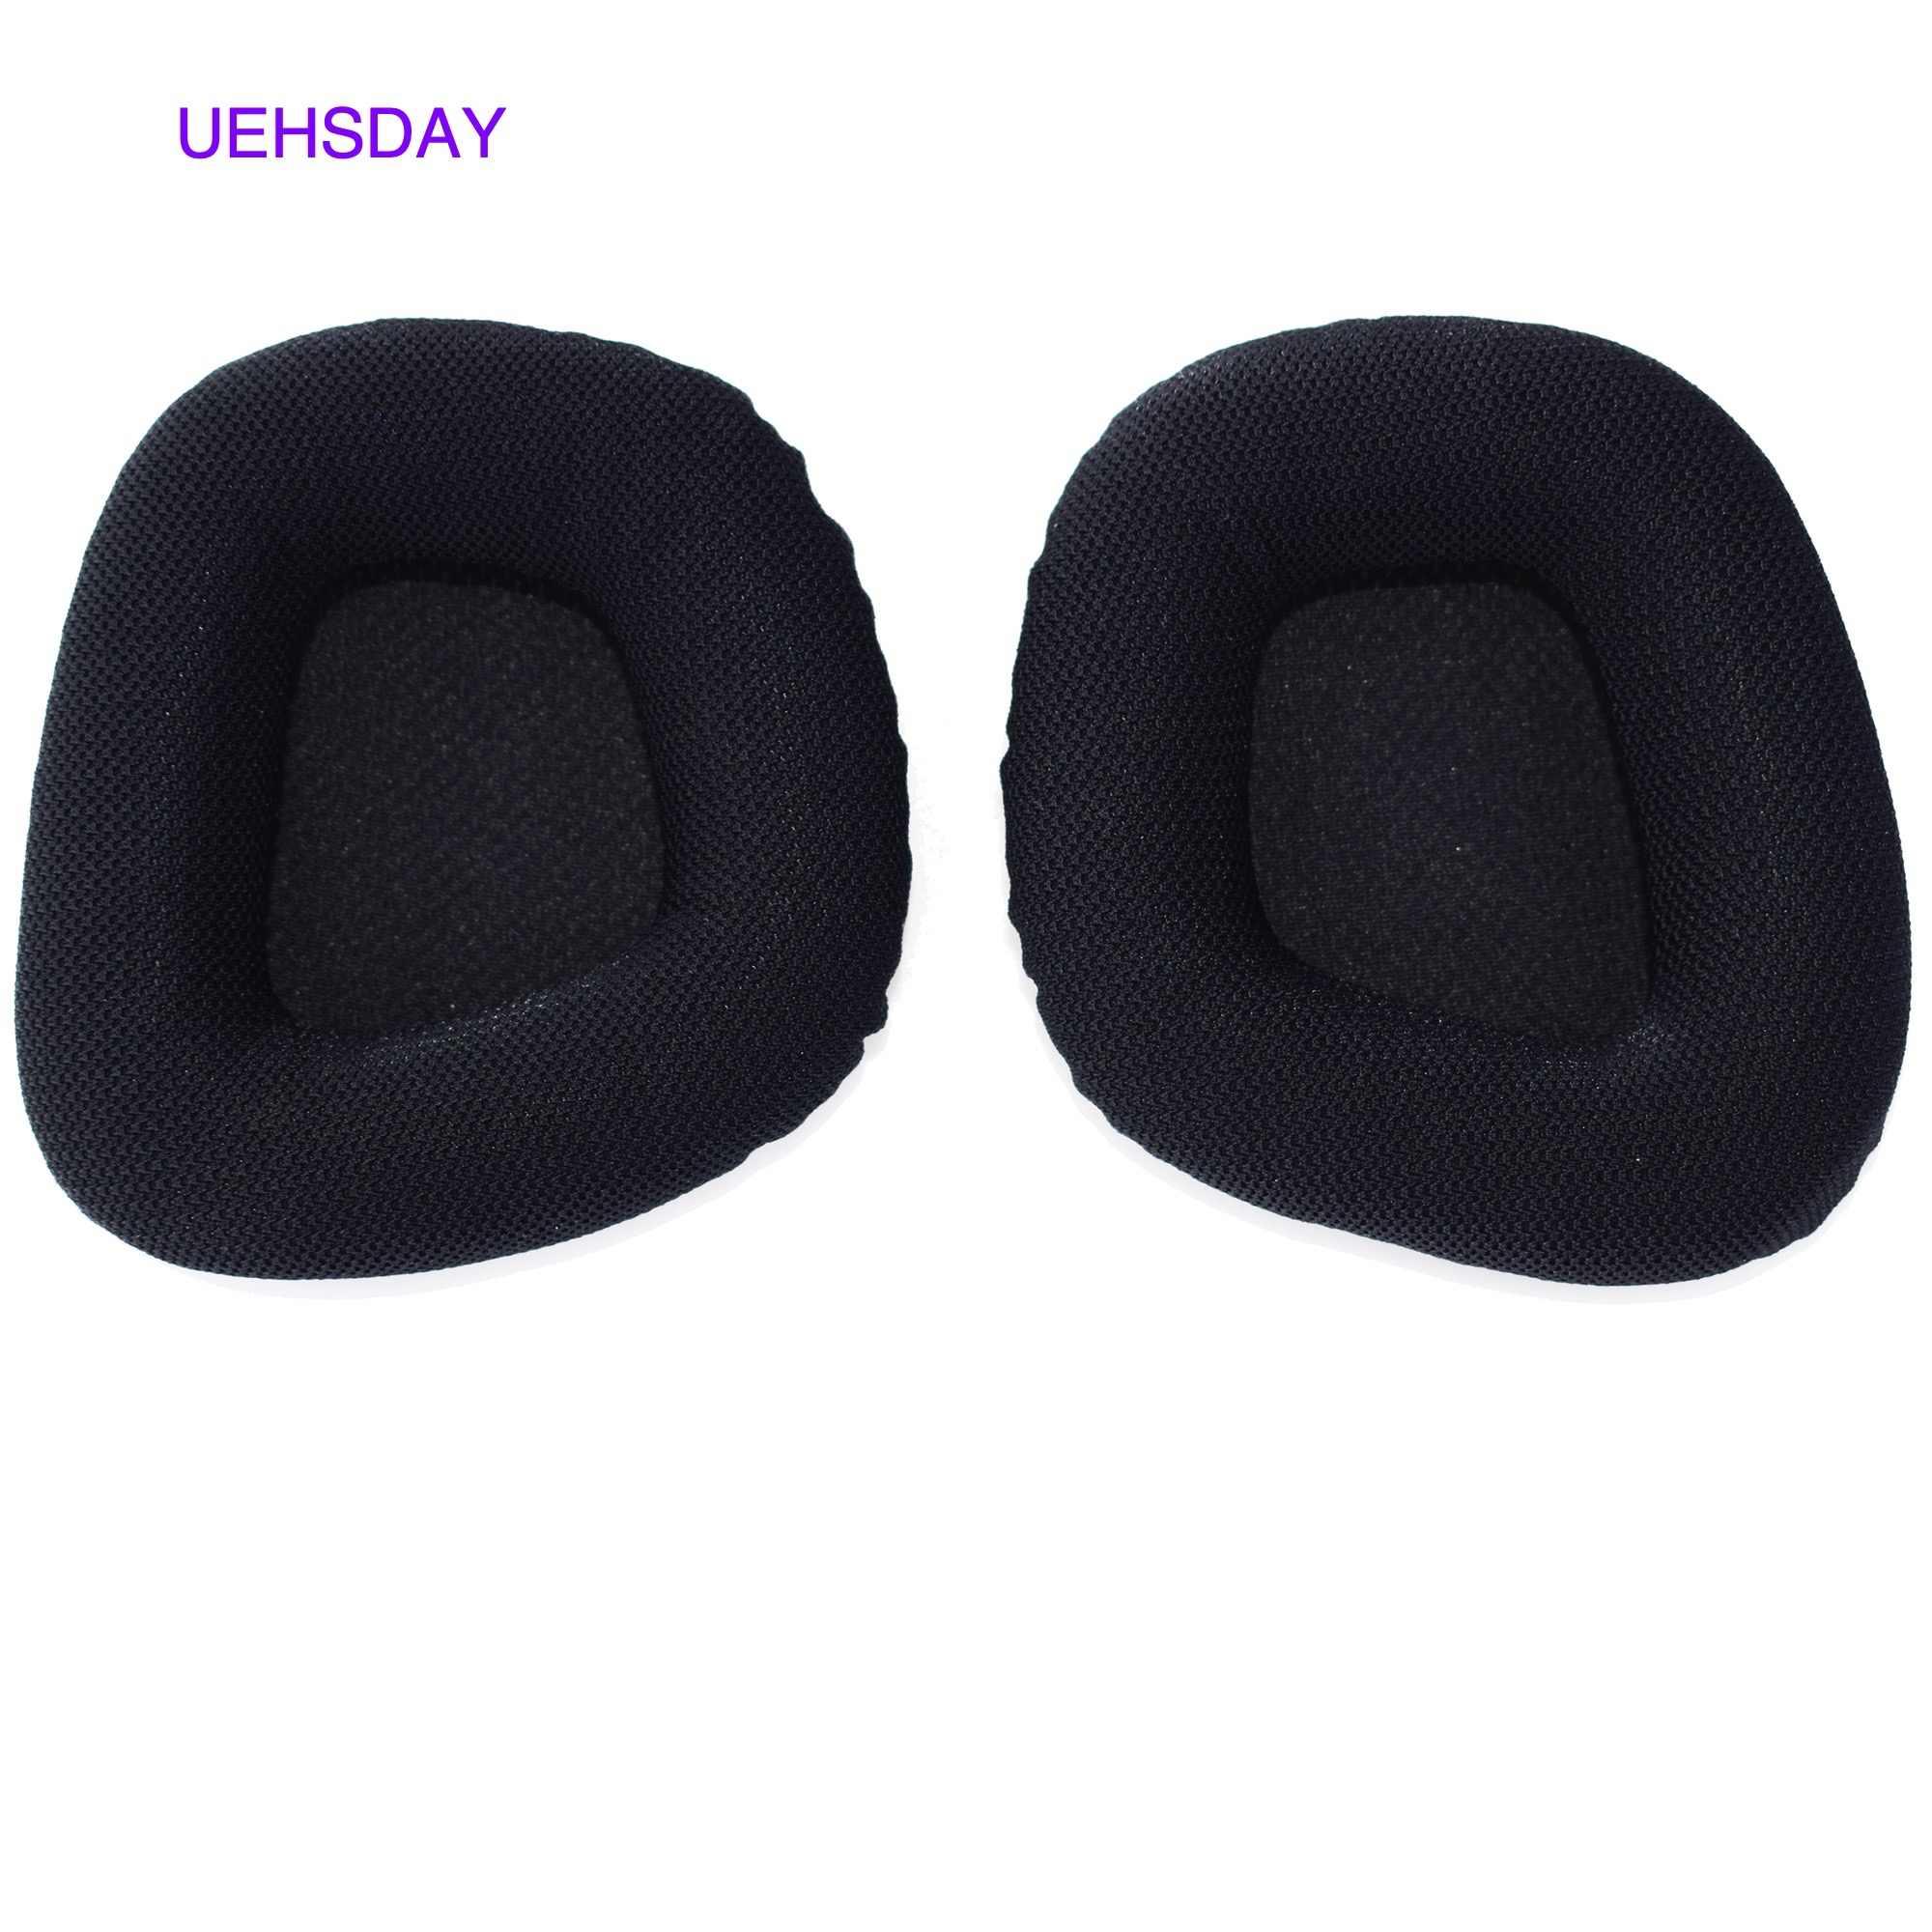 Wkładki do uszu poduszki na uszy wymienny element słuchawek do Corsair VOID PRO RGB USB słuchawki gamingowe miękka pianka nauszniki skrzynki pokrywa